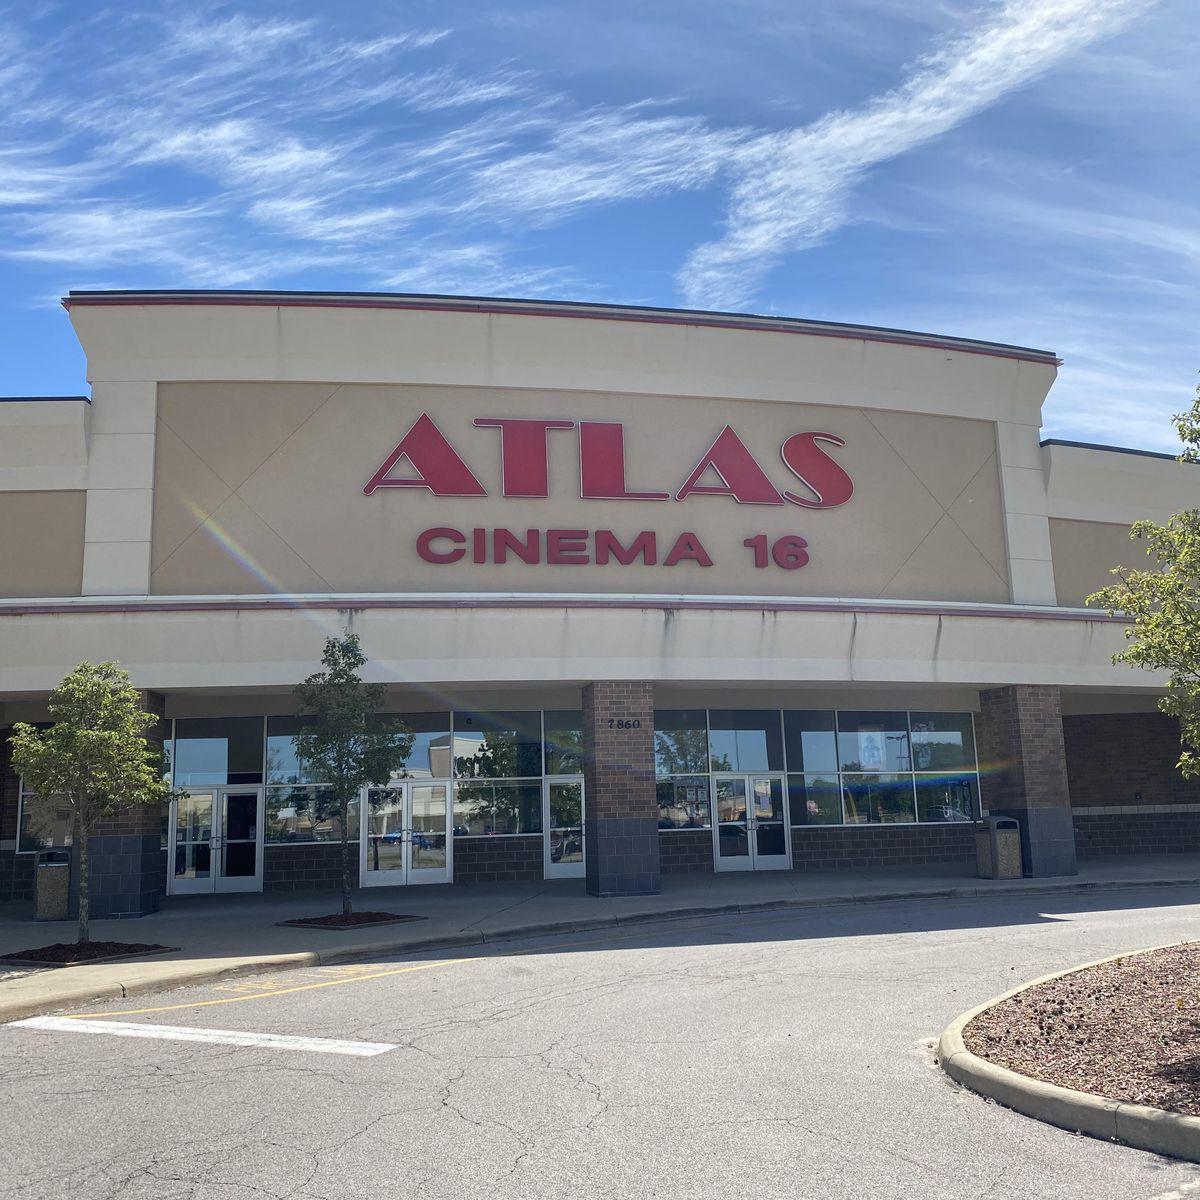 Atlas Cinemas offering private auditorium rentals amid coronavirus crisis